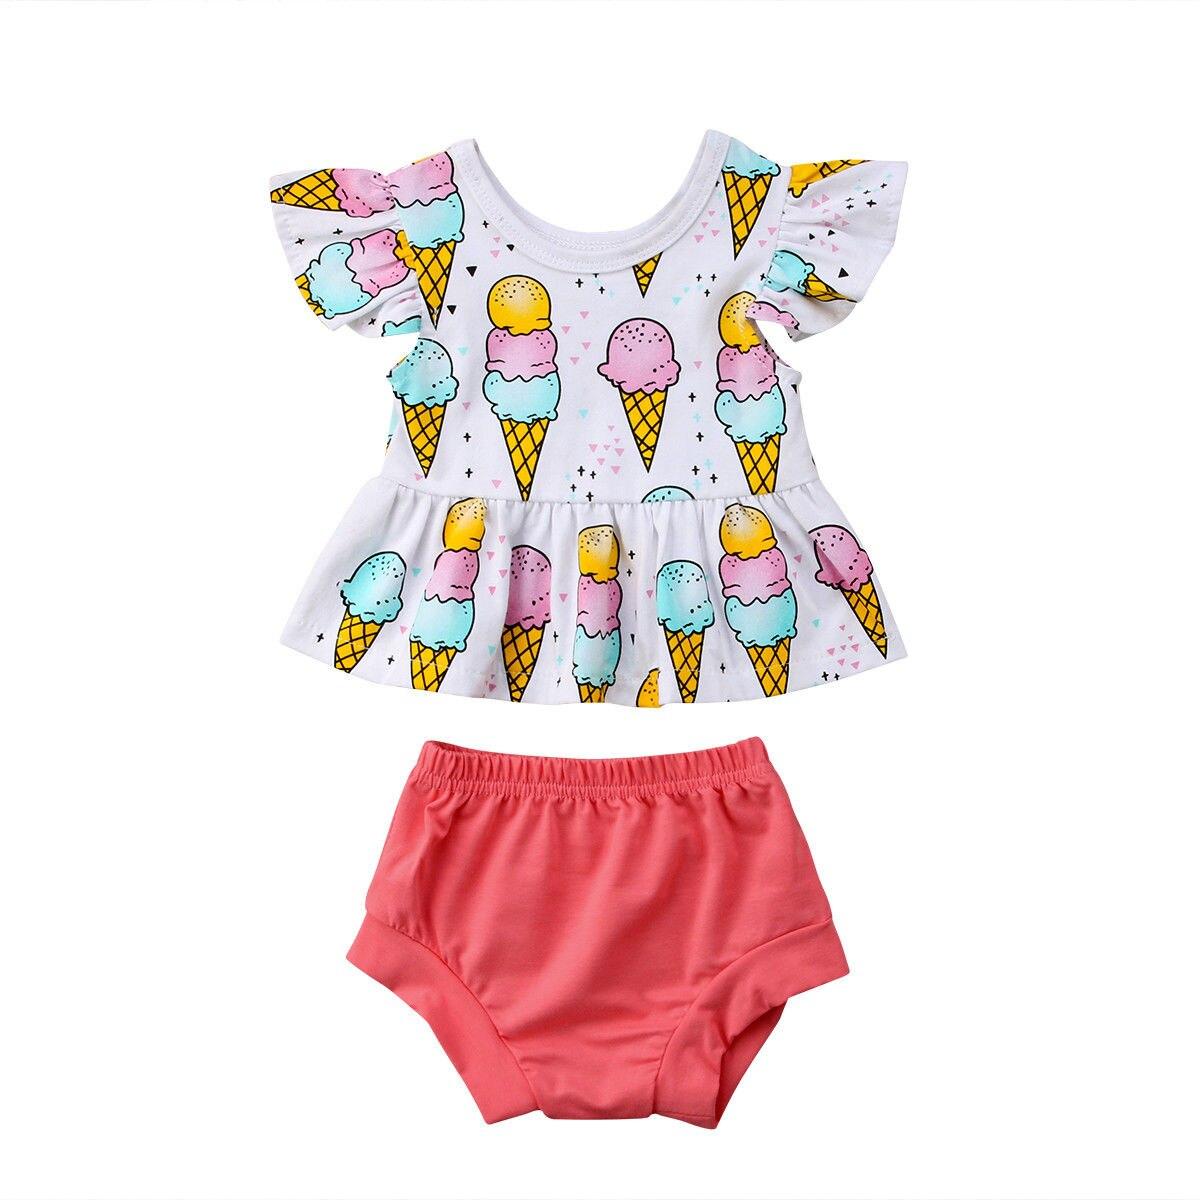 2 STÜCKE Kinder Kinder Mädchen Kleidung 2017 Sommer Mode Kap Kragen Crop Tops + Quaste Shorts Hot Pant Outfits Sunsuit kleidung